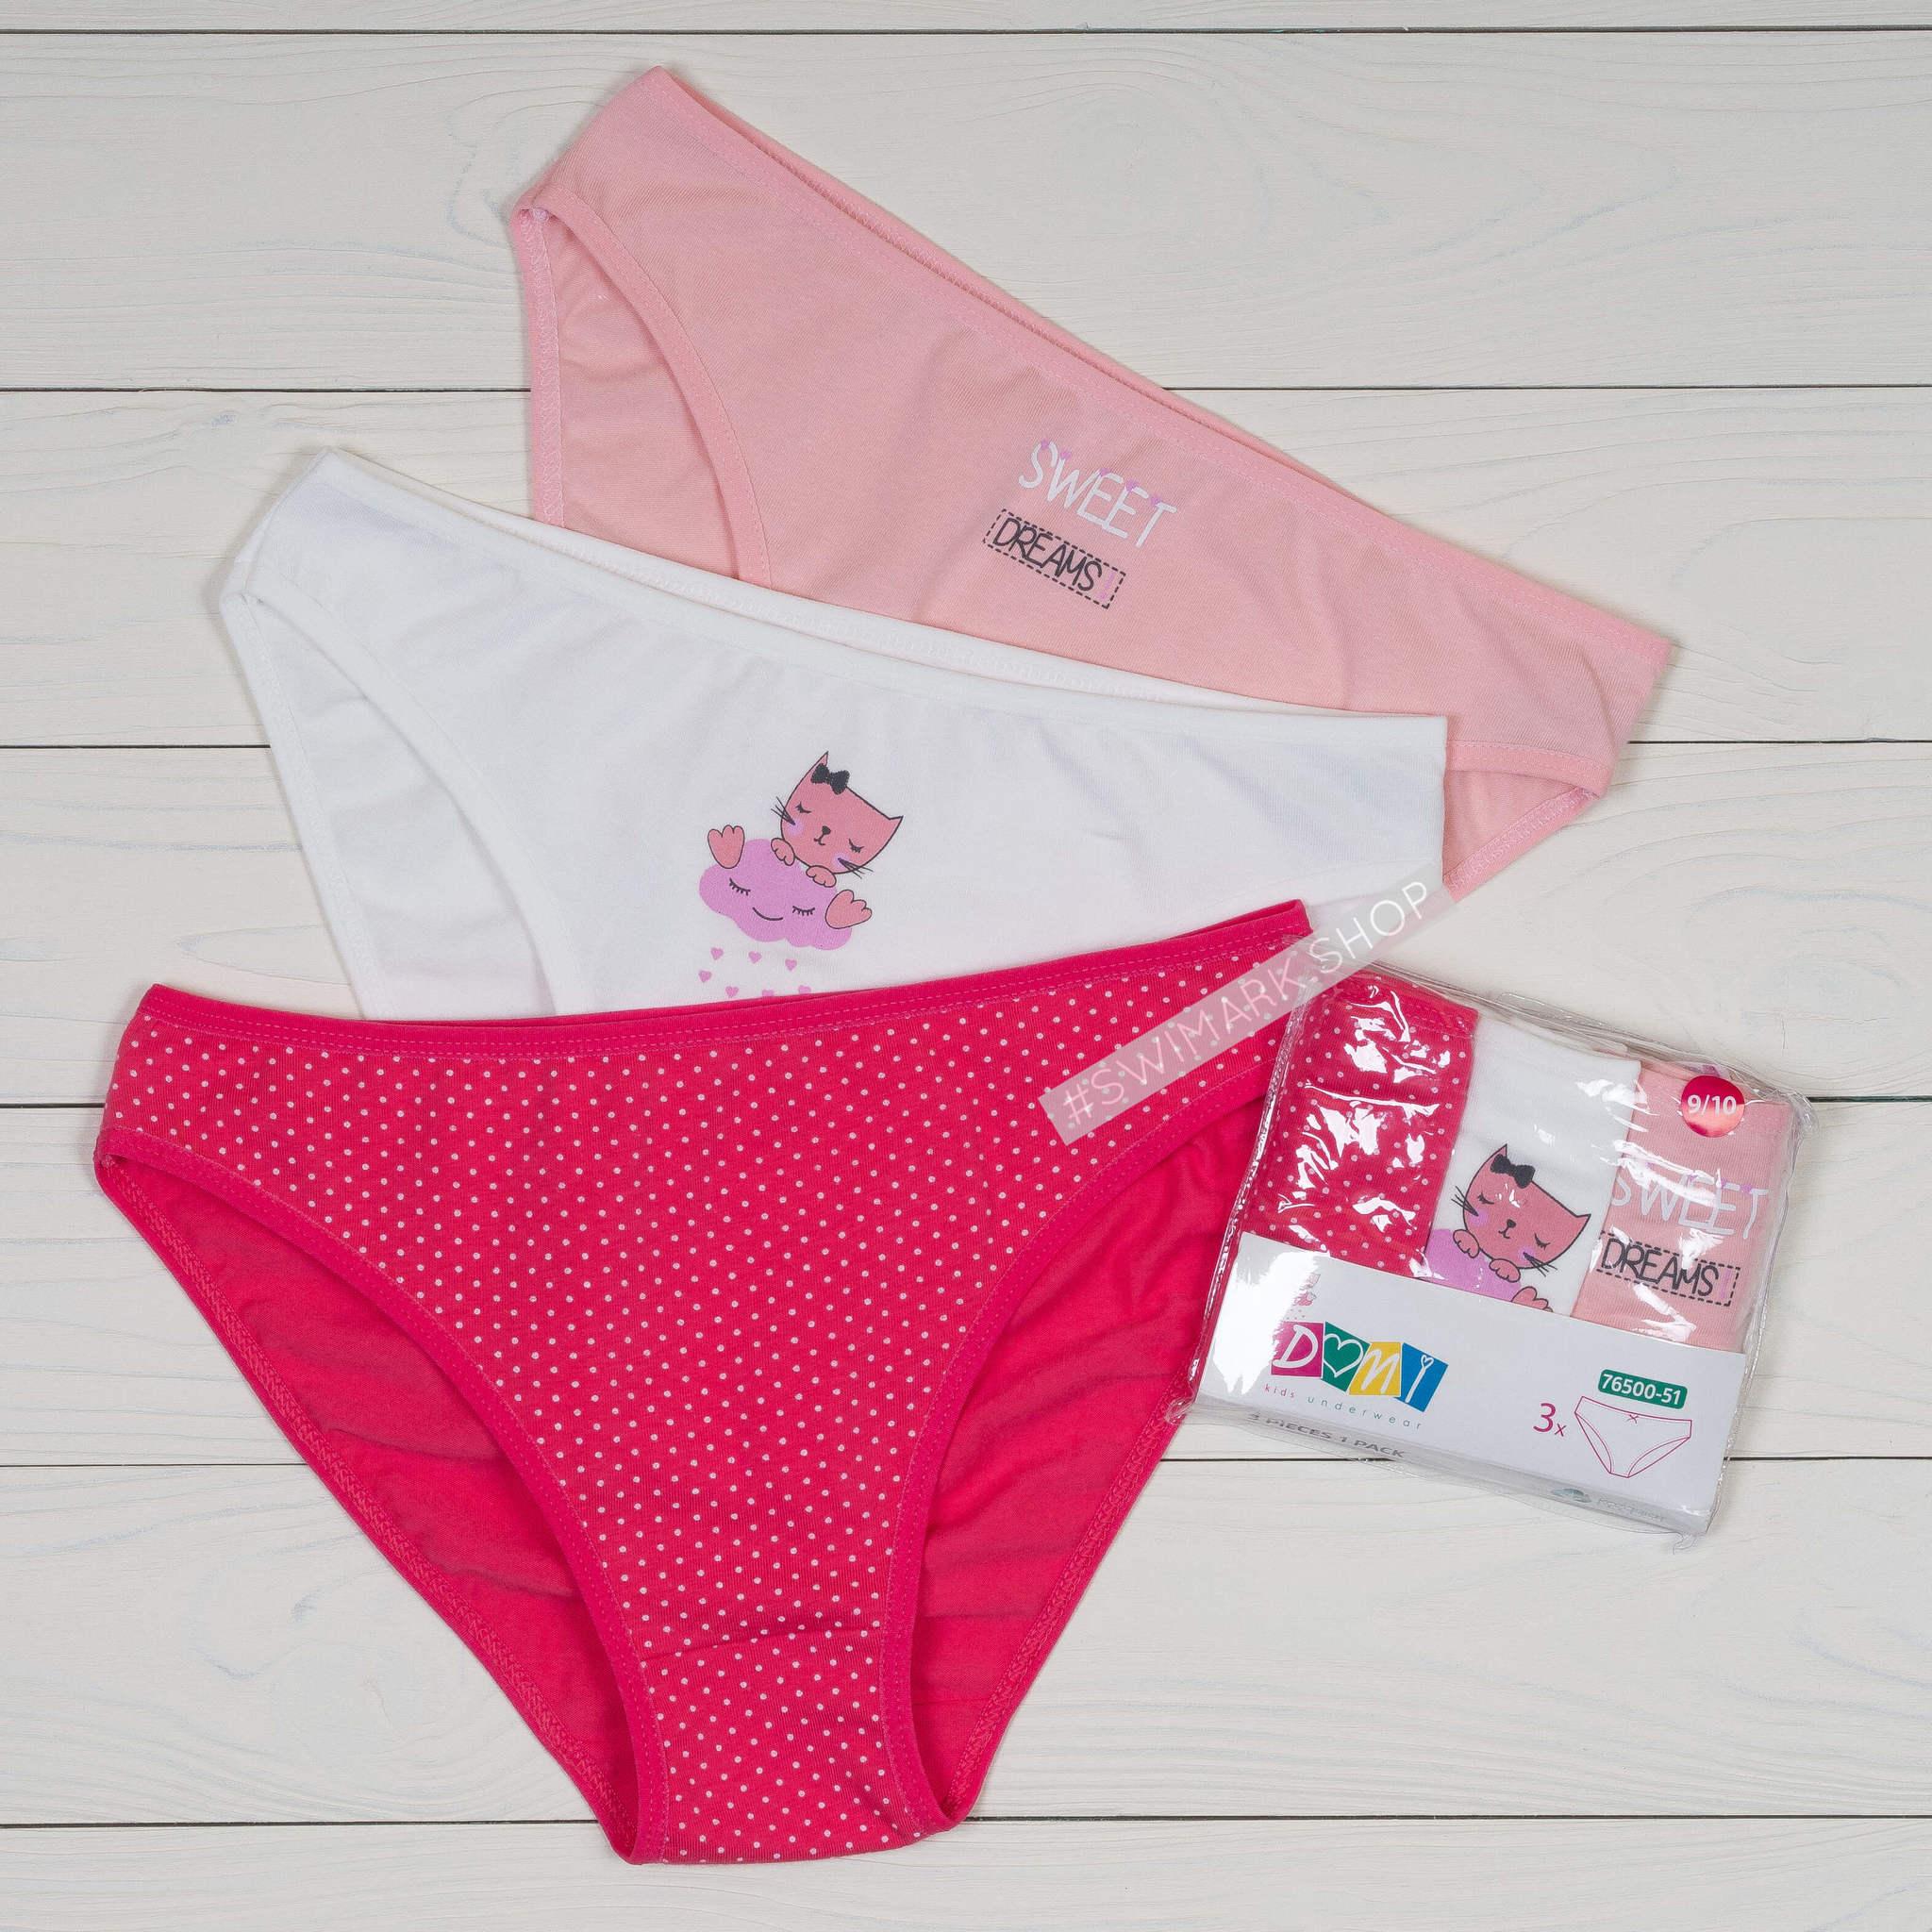 Трусики детские DOMI 76500-51, 3 шт. в упаковке swimark.shop15235.jpg